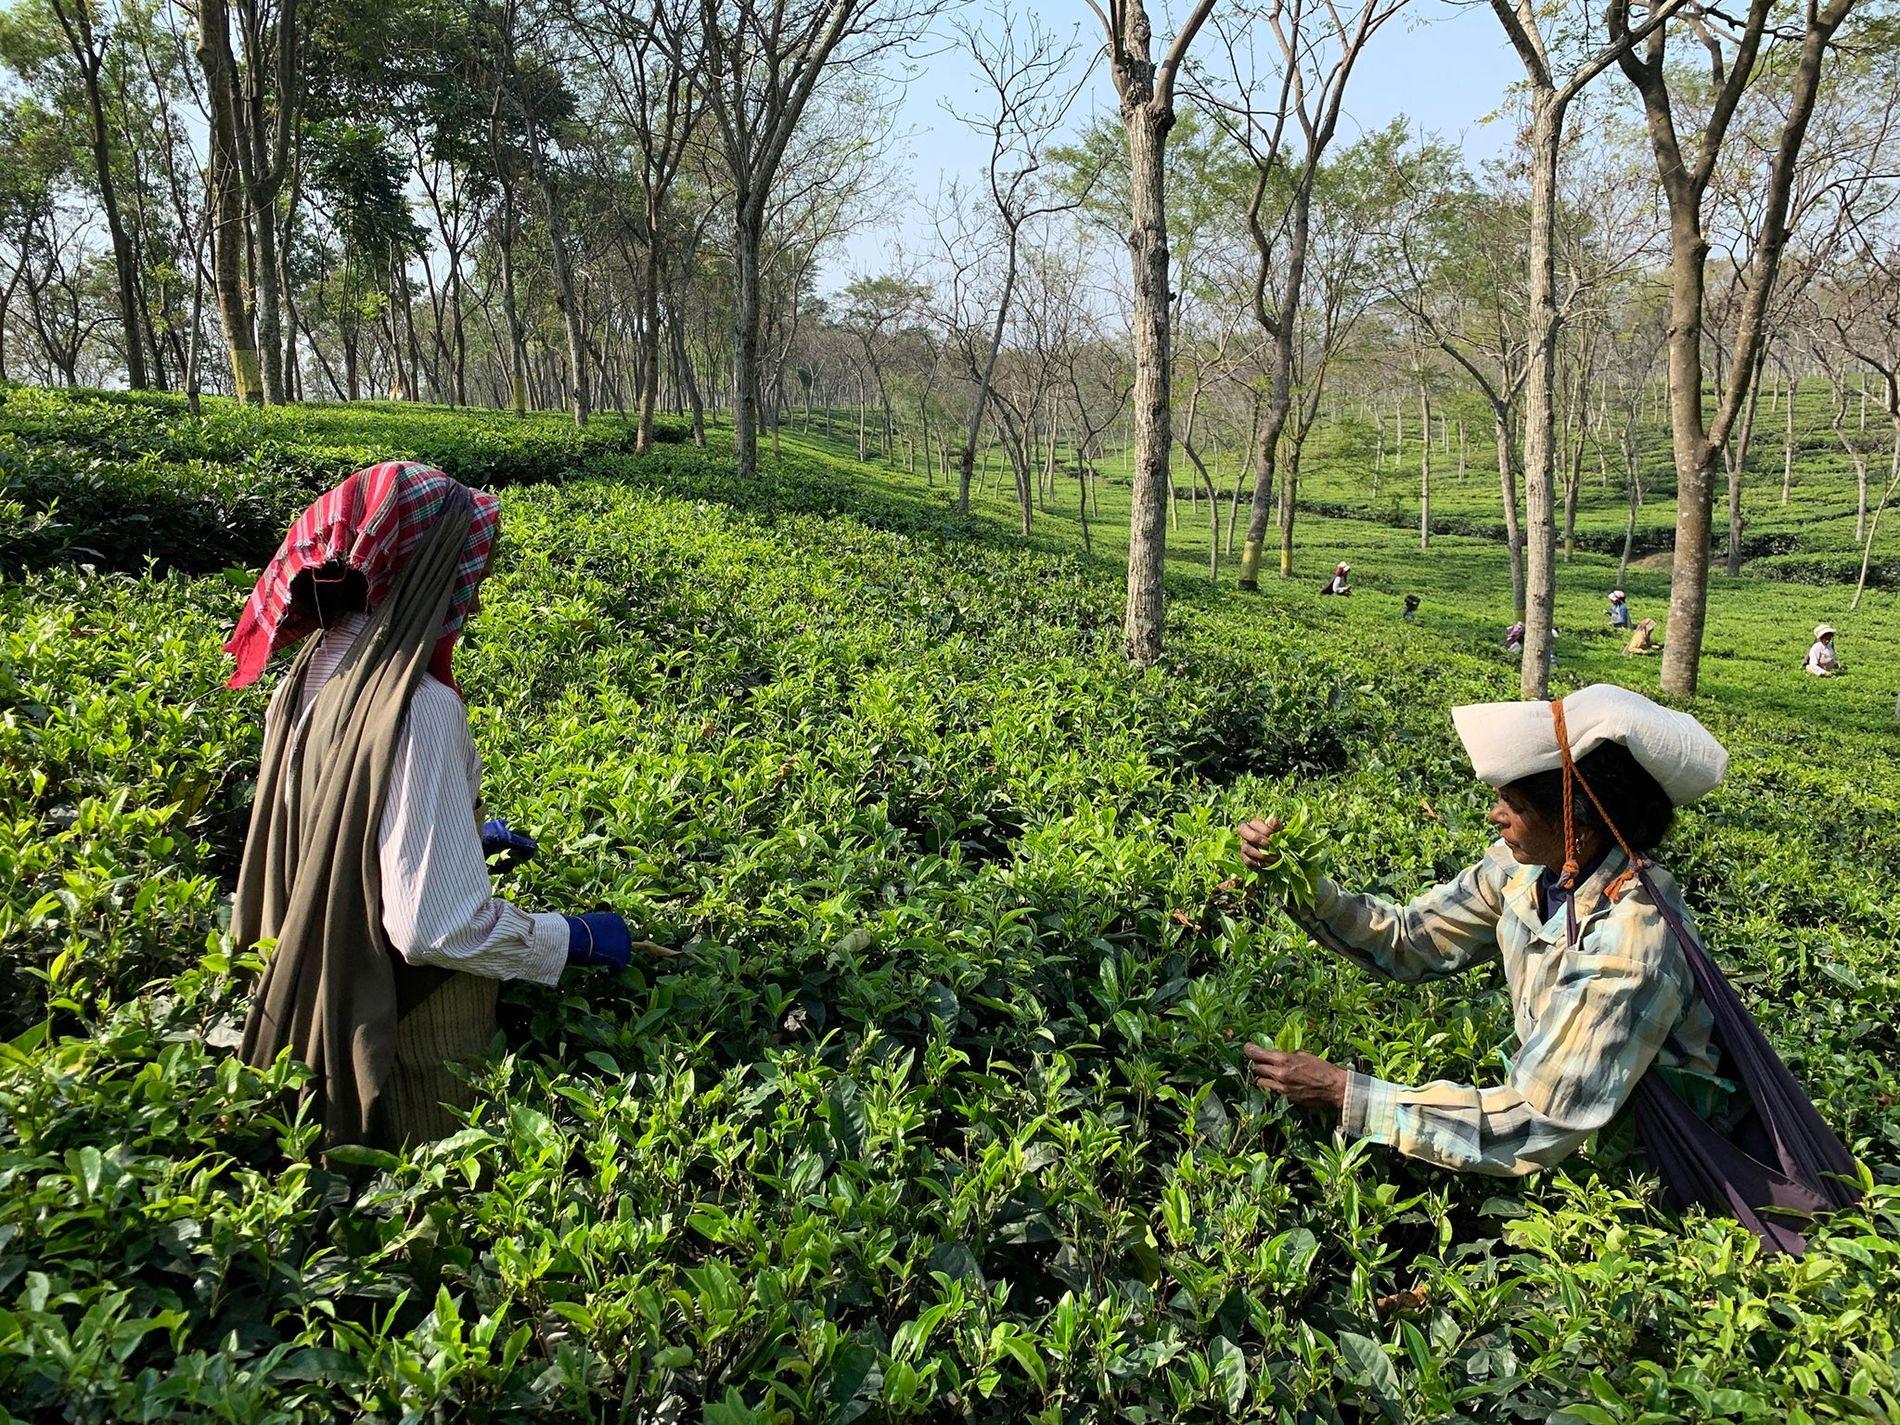 Dans les plantations de thé du Bengale occidental, les cueilleuses sont souvent préférées aux hommes pour le plus grand soin qu'elles observent lors de la sélection des feuilles.